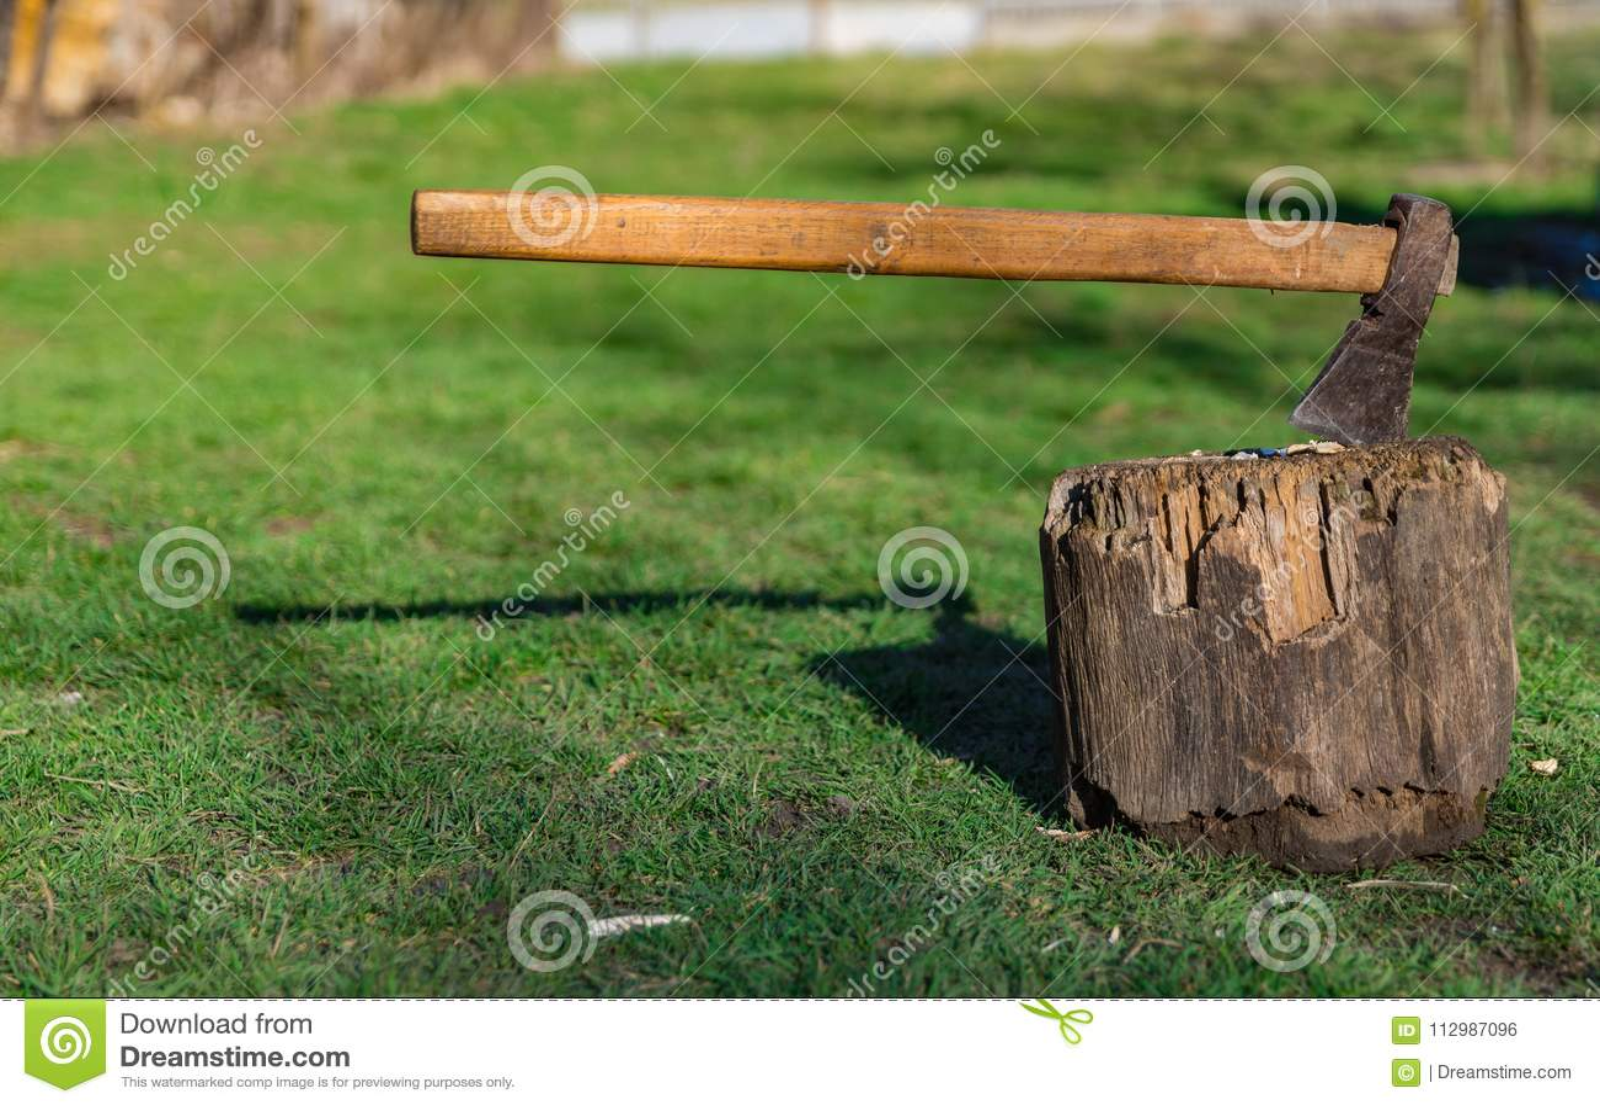 Old Axe tree stump green field